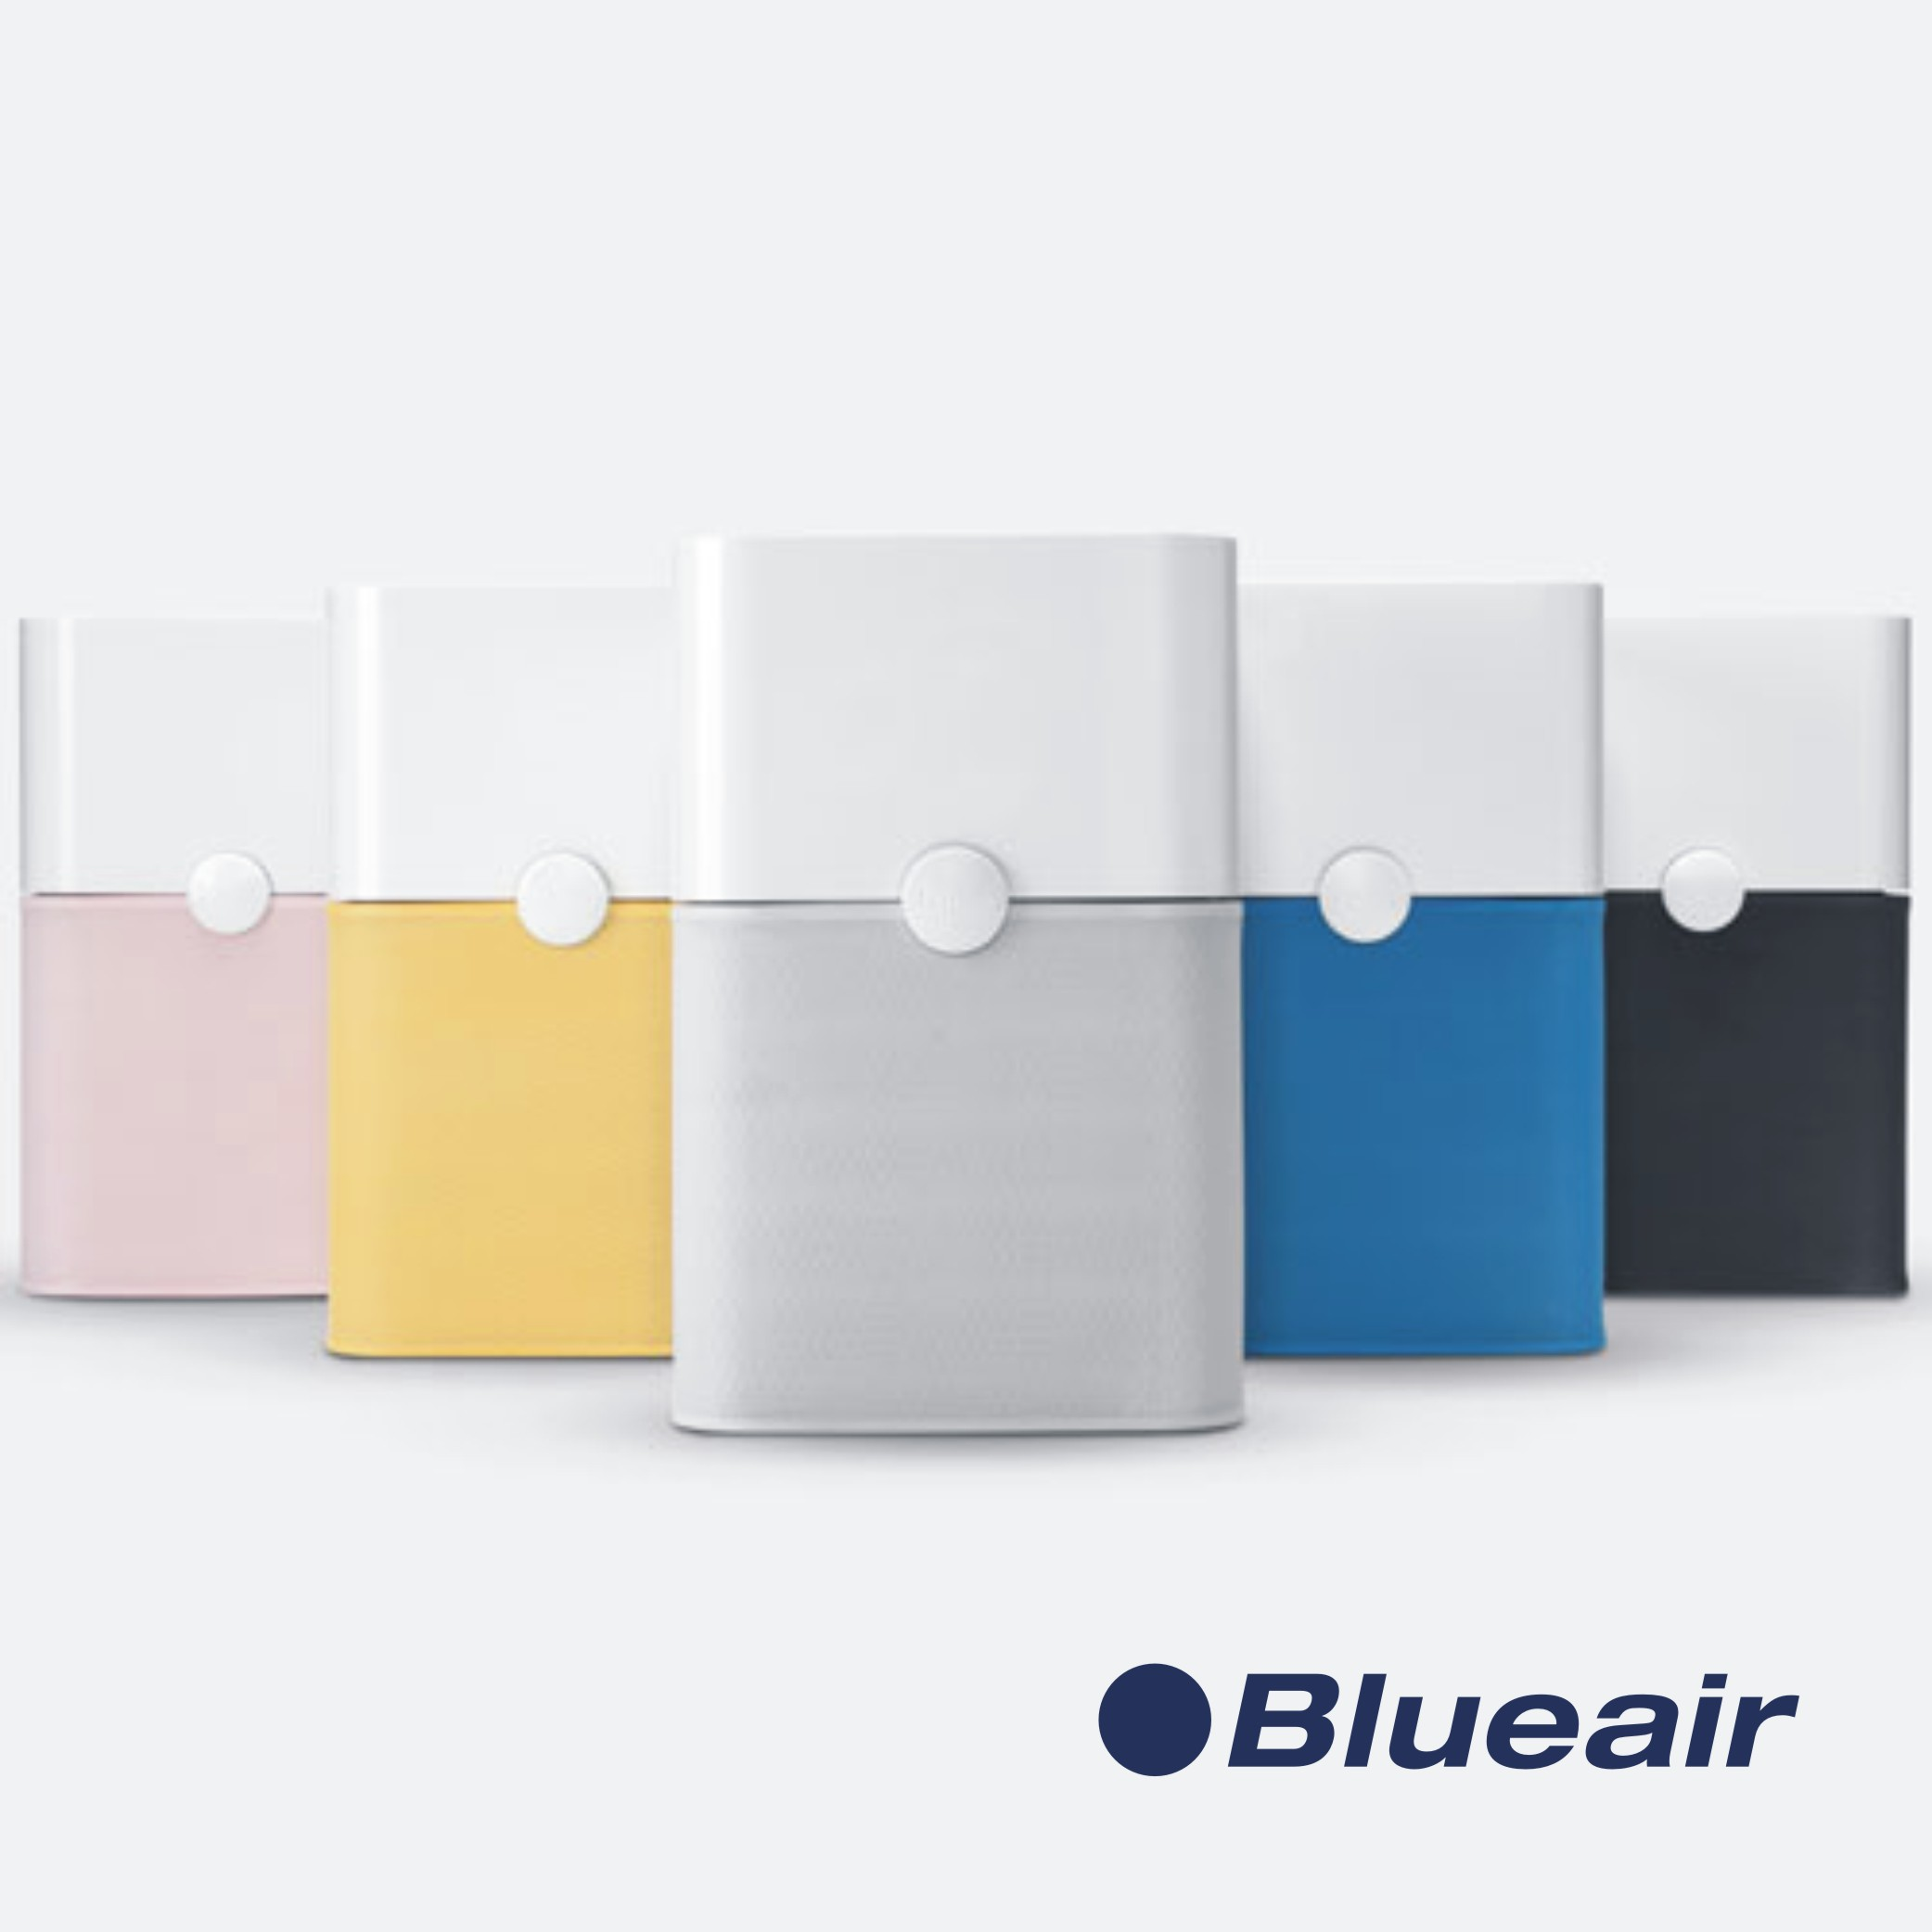 Blueair prečišćivači vazduha